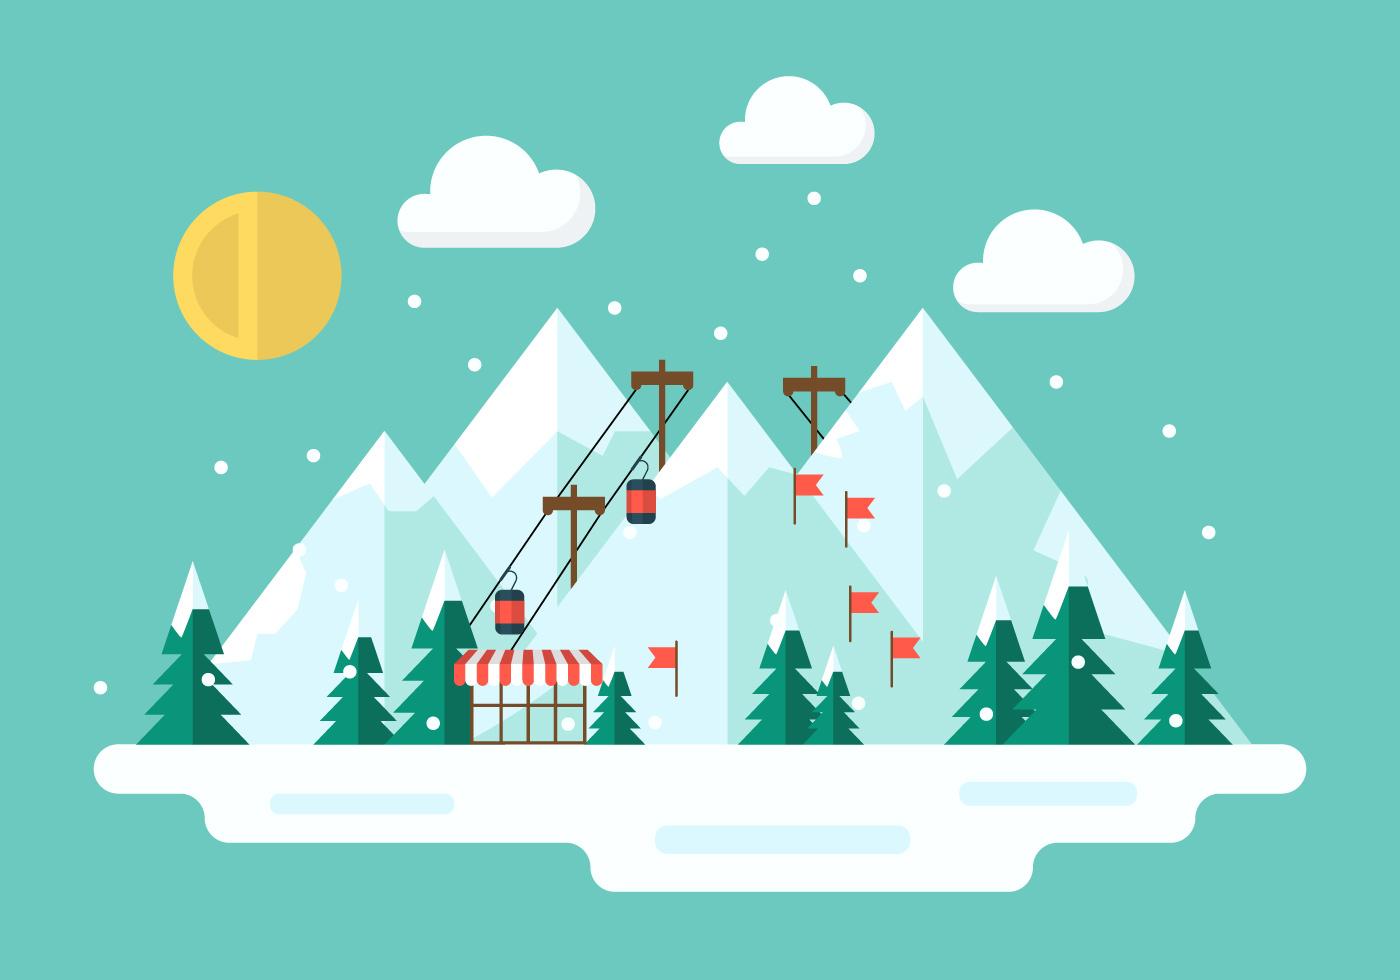 free winter vector illustration download free vector art. Black Bedroom Furniture Sets. Home Design Ideas